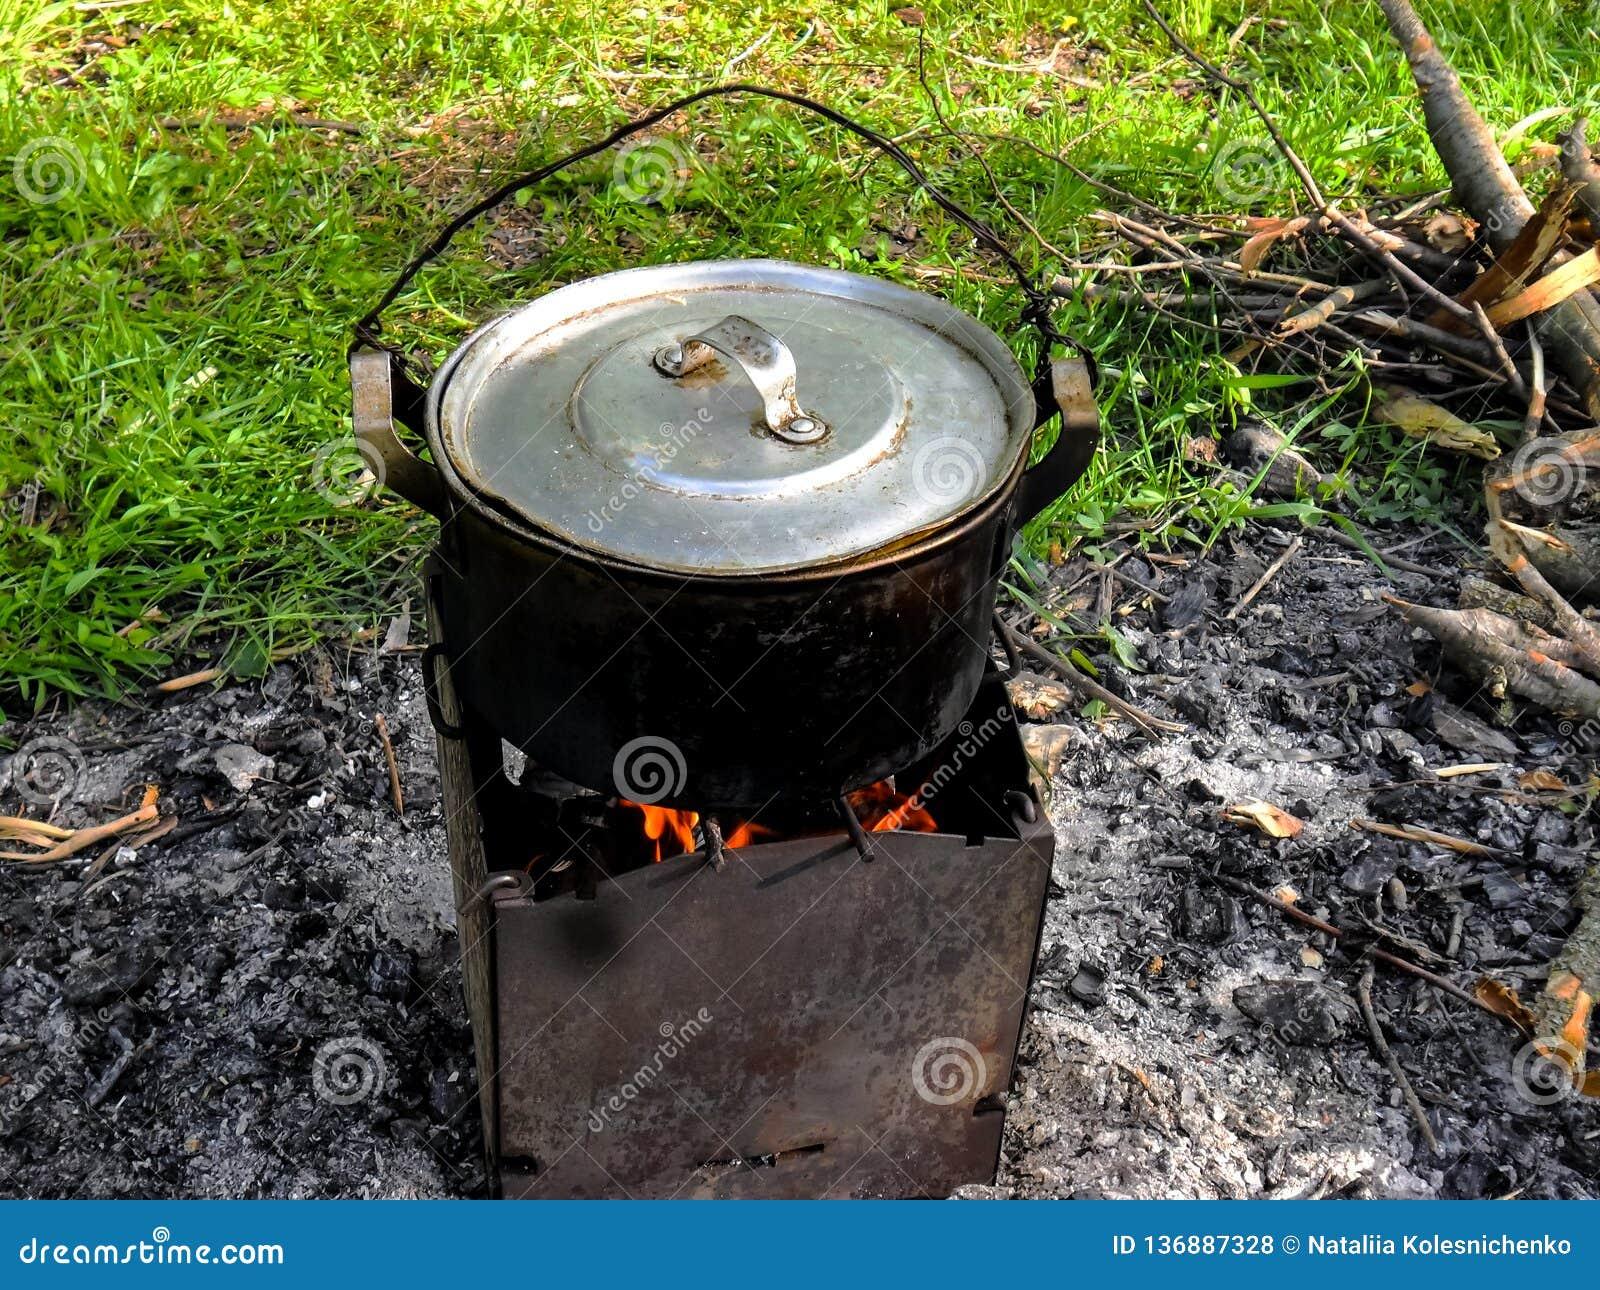 Närbild av en campa panna för att laga mat fisksoppa som fångades på betet med en härlig landskapbakgrund